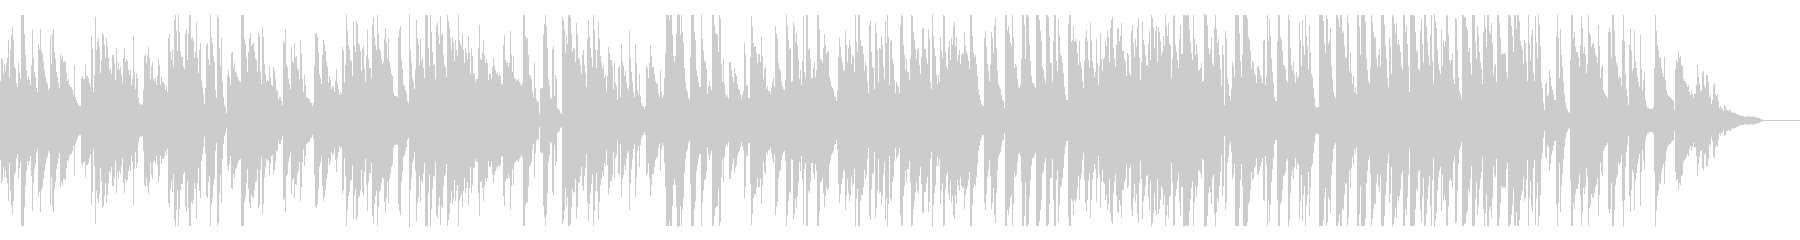 グルメ番組などに合いそうなJazz2の未再生の波形